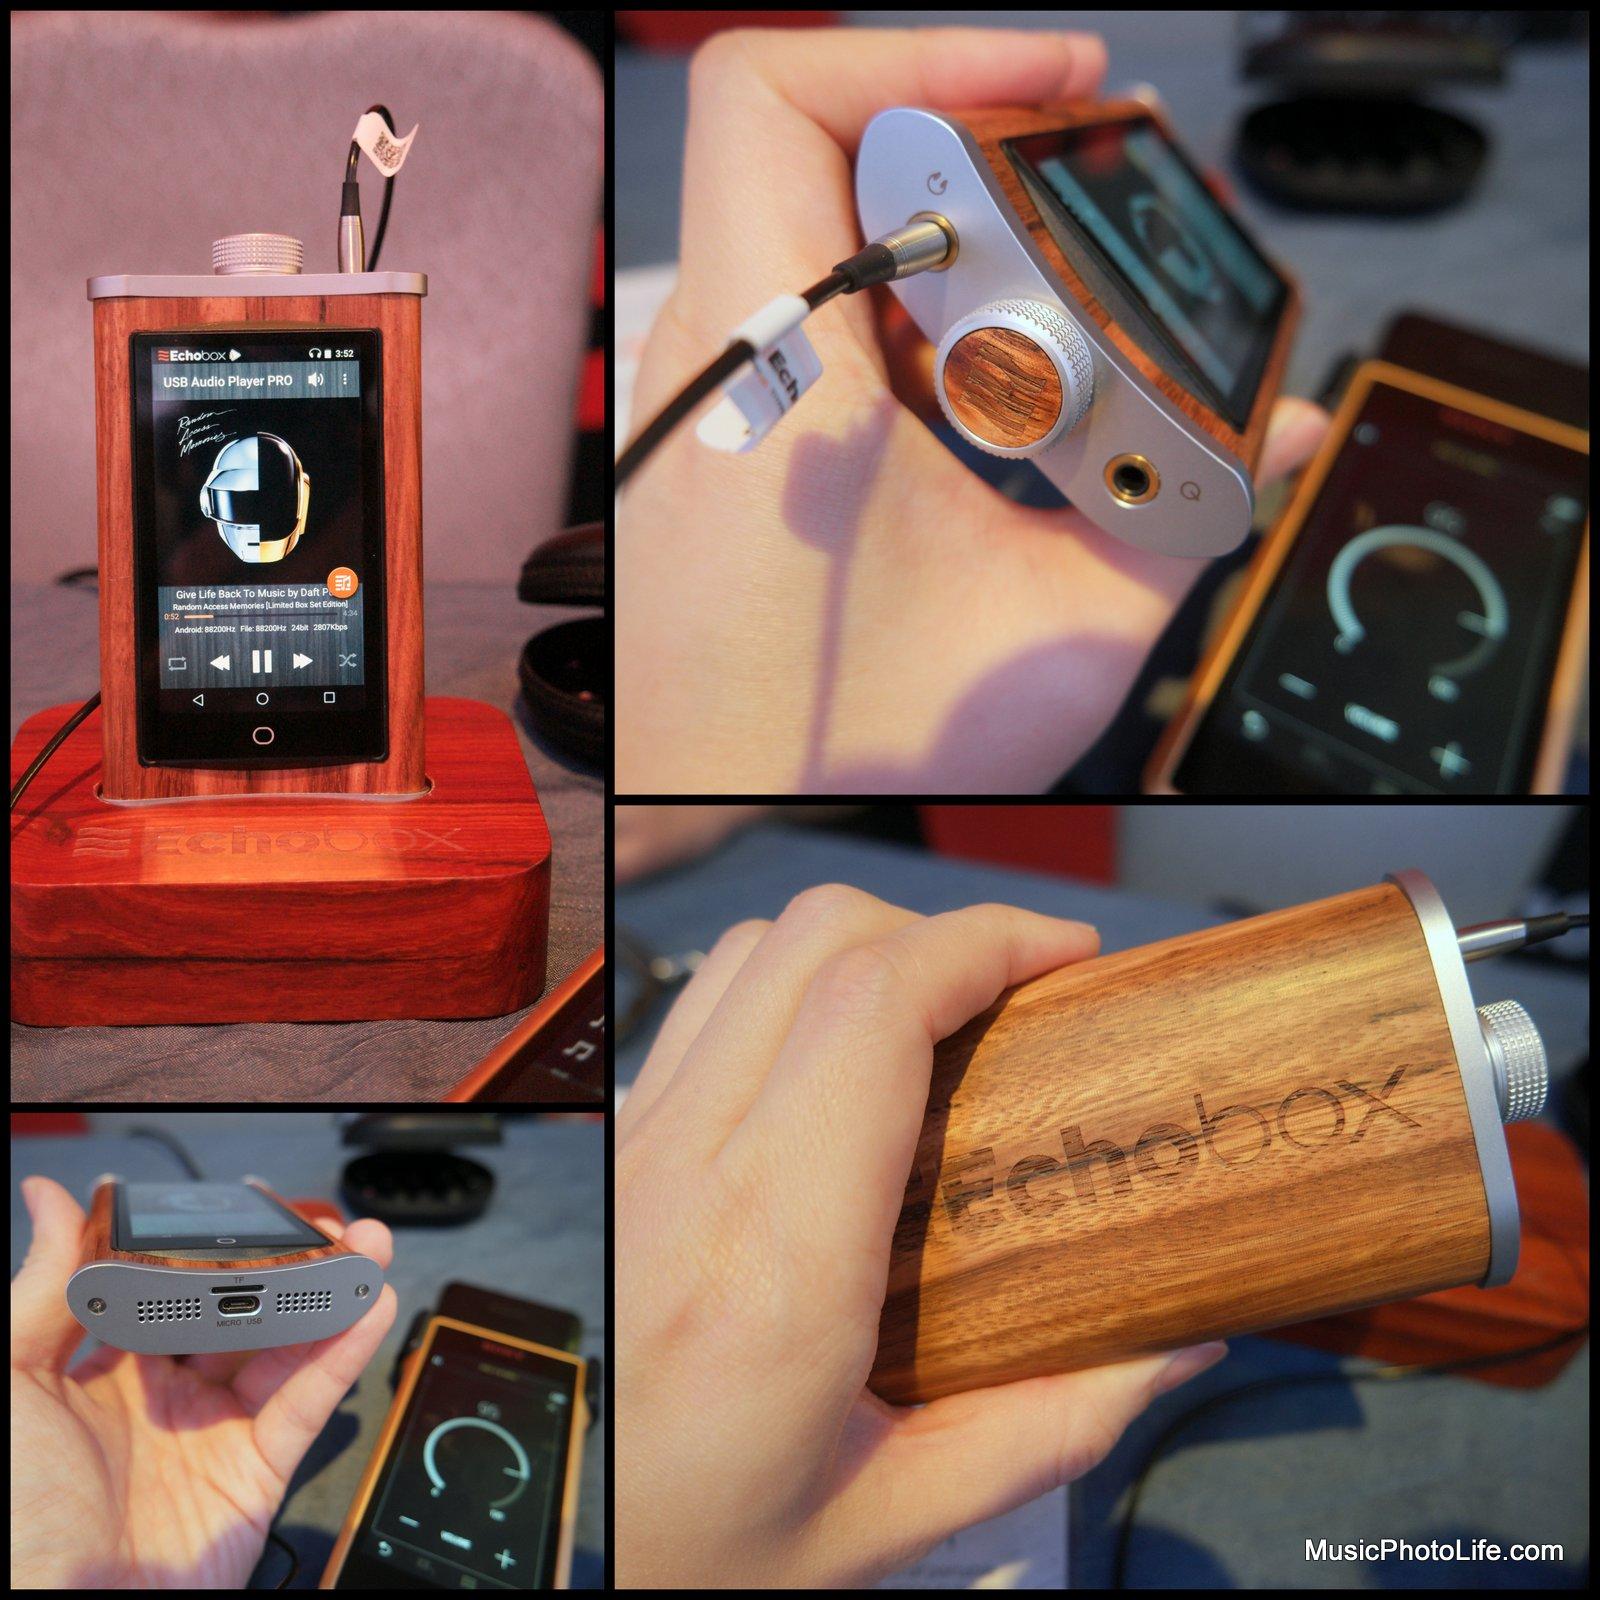 Echobox Audio Explorer music player review by musicphotolife.com